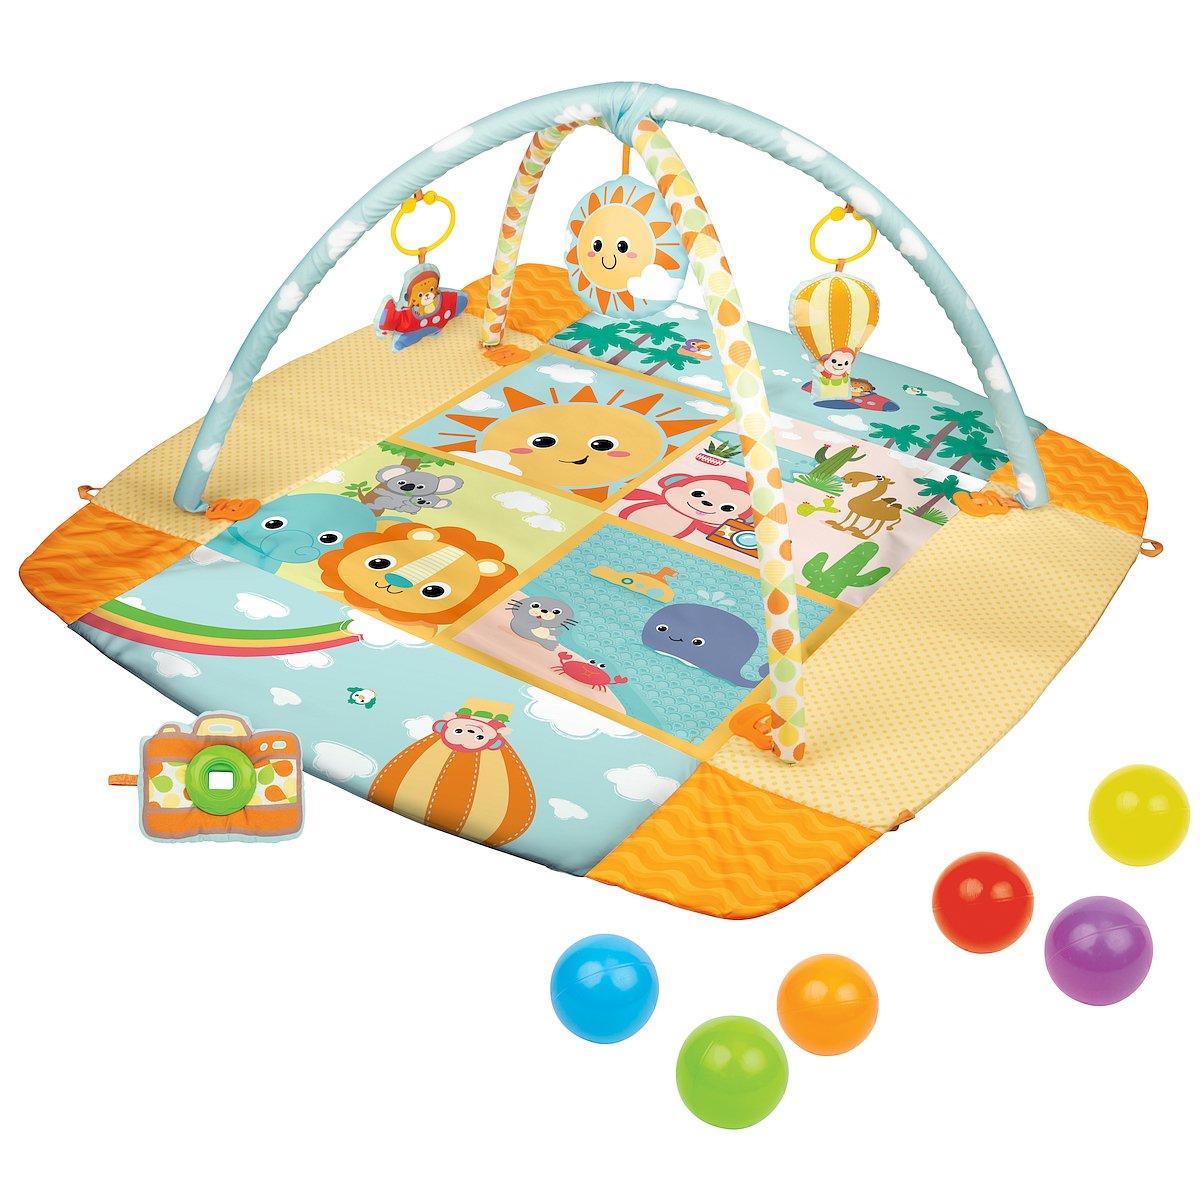 Hrací deka ètverec sluveèný den s možností ohrádky